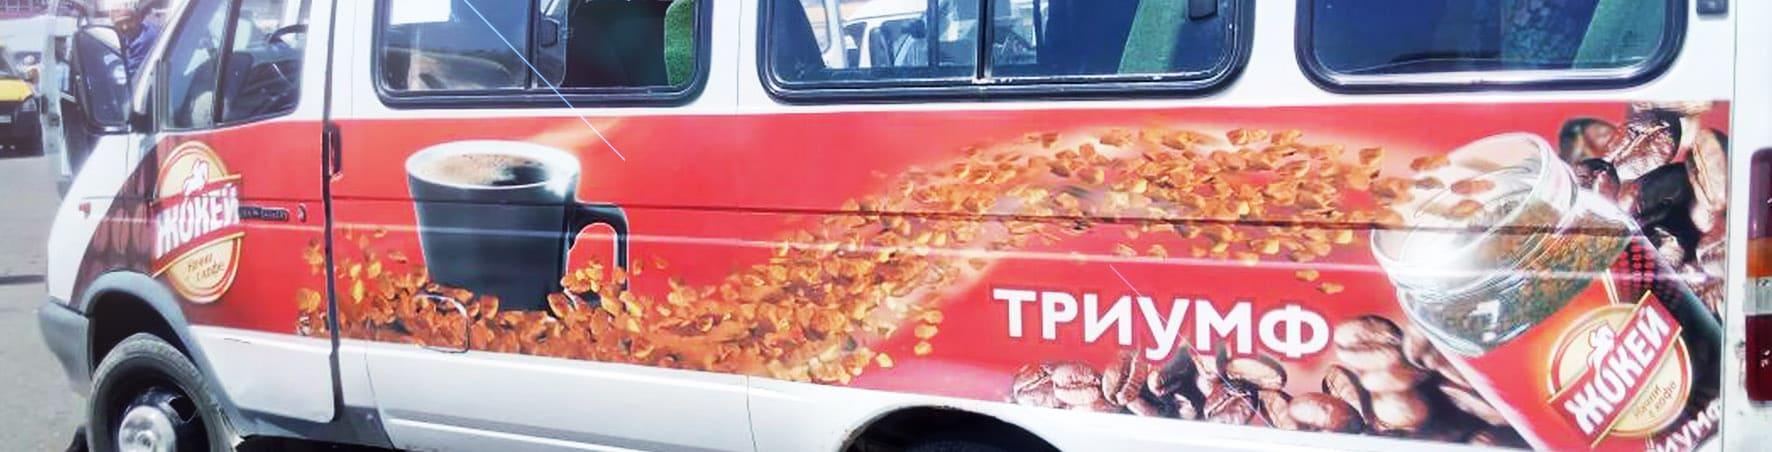 Брендирование маршруток в Грозном реклама